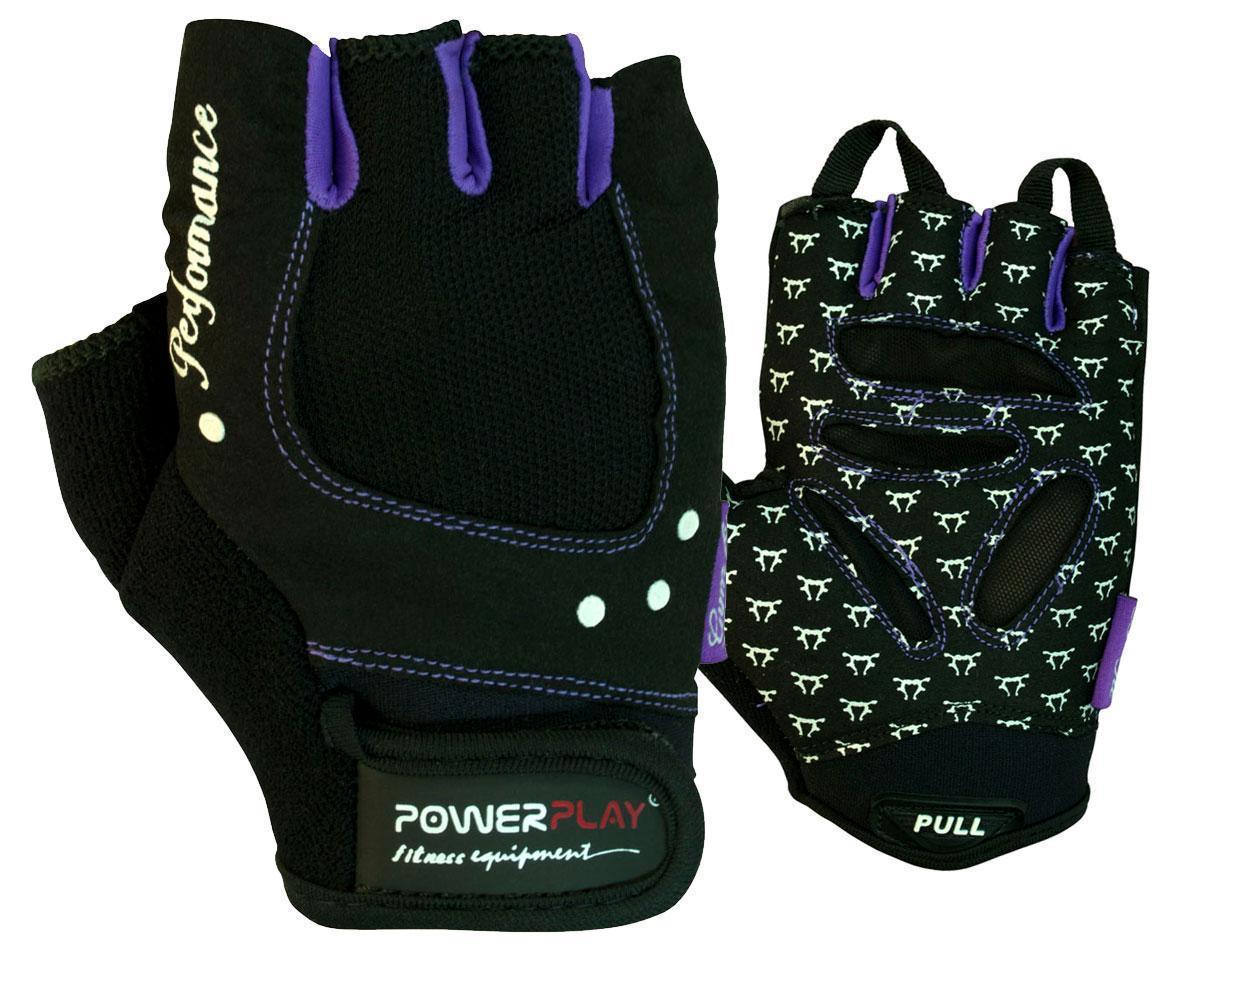 Рукавички для фітнесу PowerPlay 1751 жіночі Чорно-фіолетові M